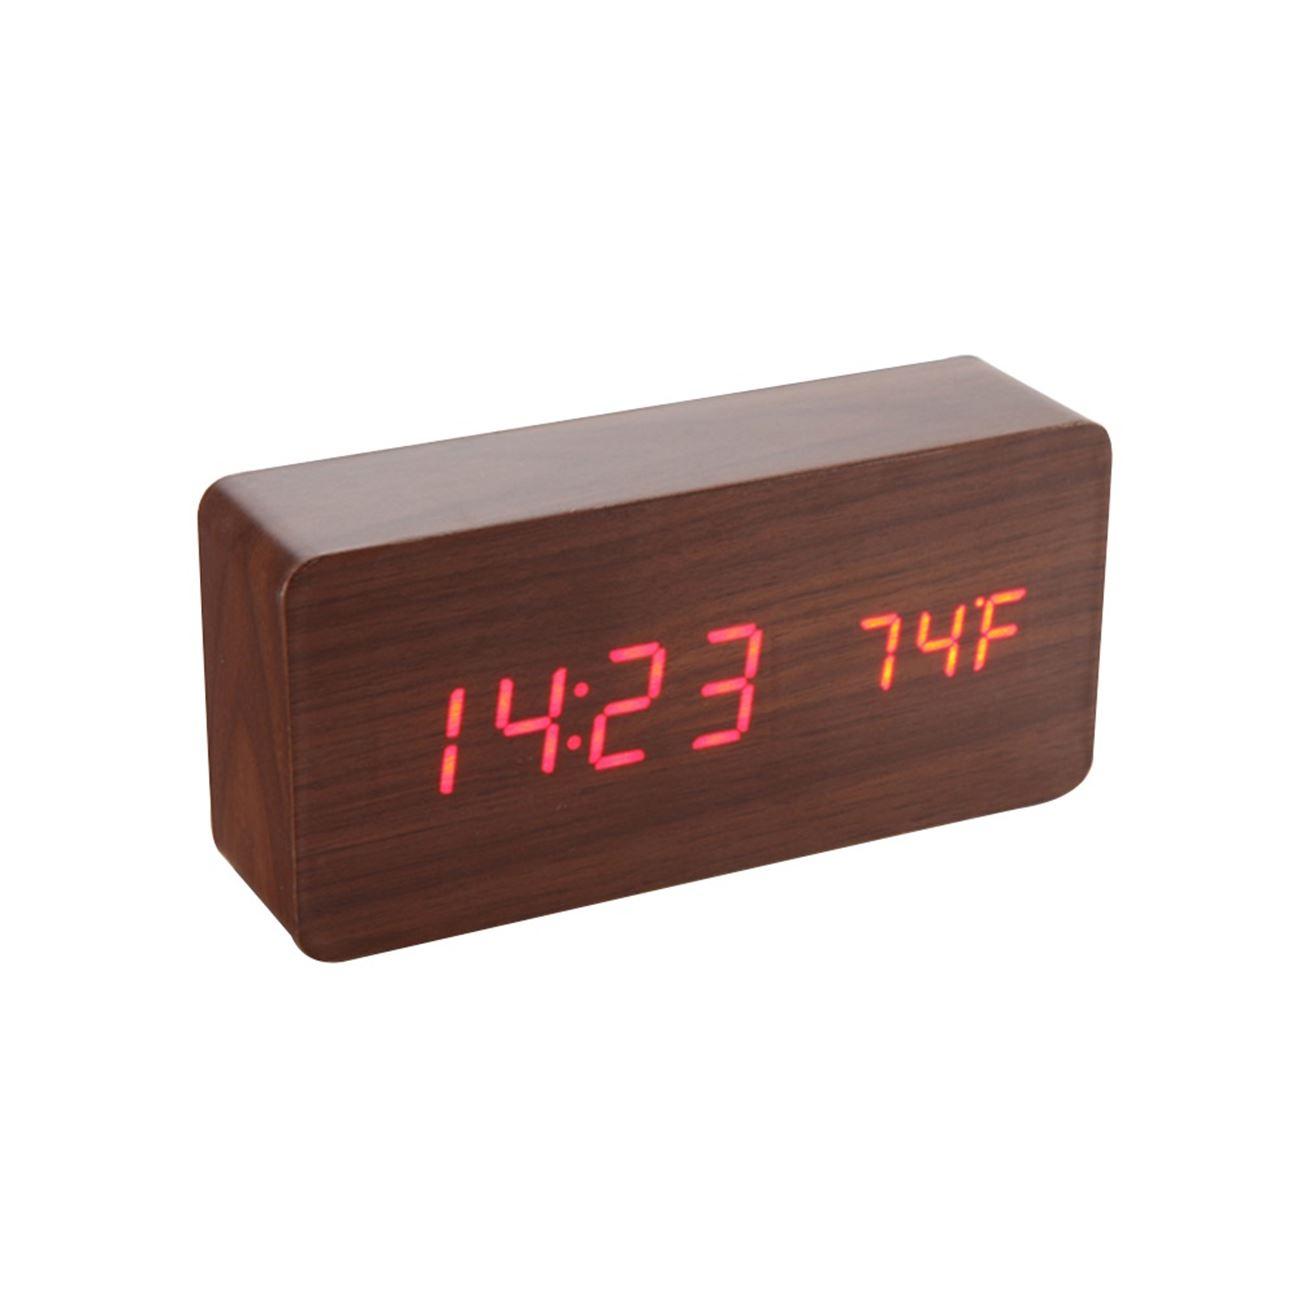 ... Ξύλινο επιτραπέζιο ρολόι με οθόνη LED - Θερμόμετρο - Ξυπνητήρι -  Ημερολόγιο. ΠΙΣΩ ΣΤΗΝ ΛΙΣΤΑ. False. Μεγέθυνση a0331123a8b